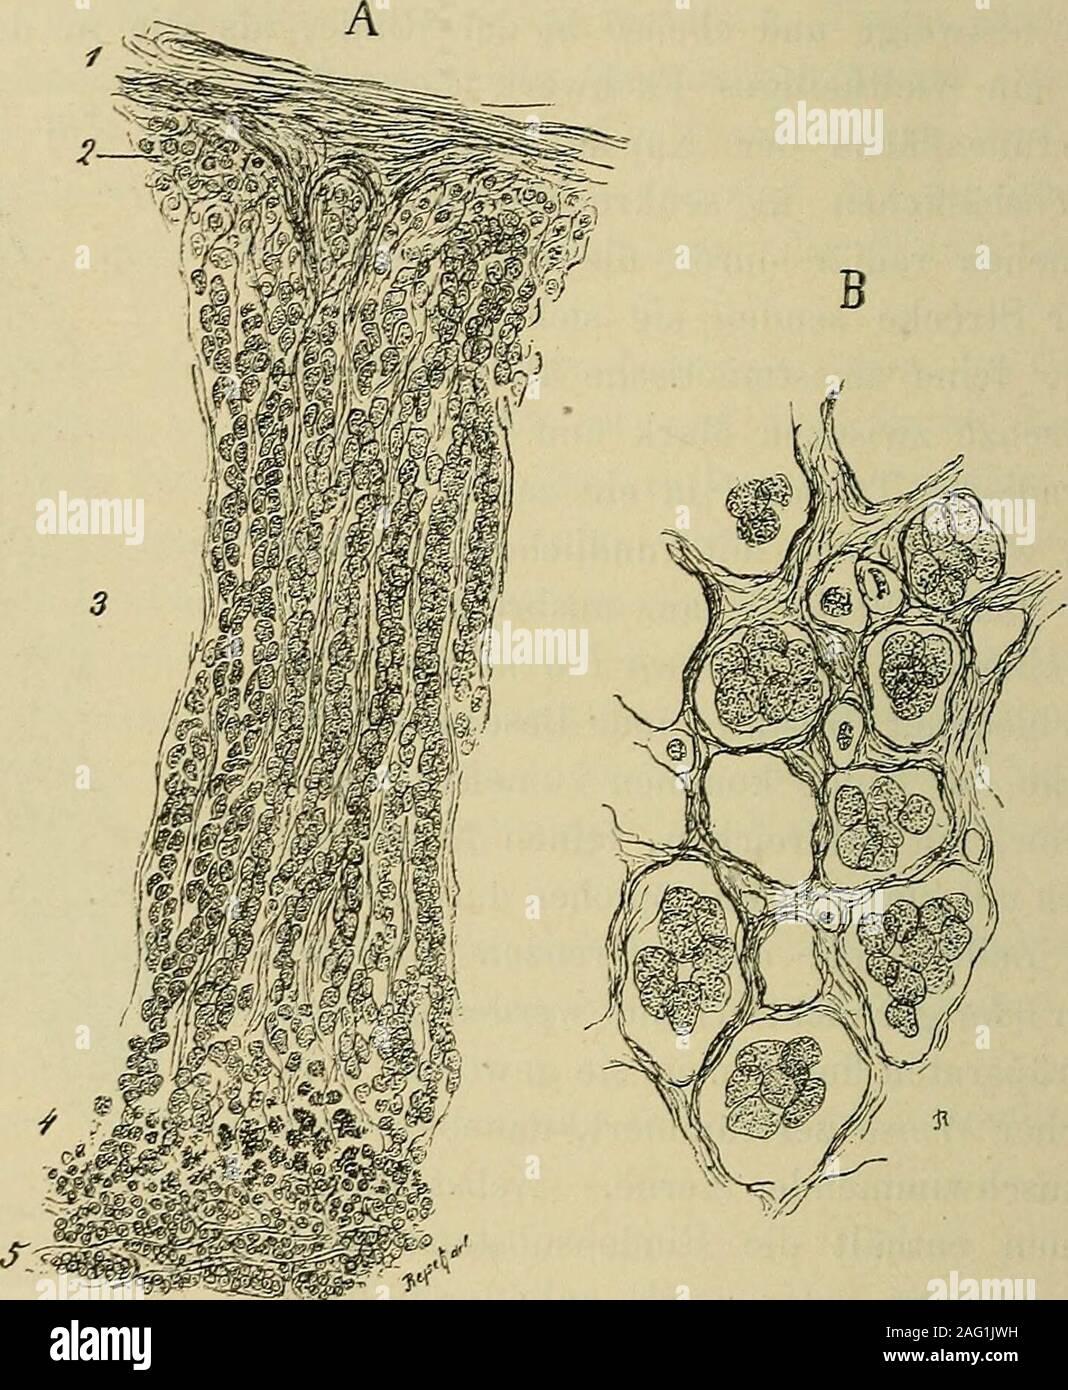 . Lehrbuch der Gewebelehre; mit vorzugsweiser Berücksichtigung des menschlichen Körpers. Horizontaler Durchschuittdurch die menschliche Ne-benniere. 3mal vergrössert.r. Rindensubstanz, m. Mark-siibstanz. 510 Die Nebennieren. Bemerkenswerth ist, dass die Parenchyrnzellen der Nebennieren,trotzdem sie, ihrem äusseren Ansehen nach, grosse Aehnlichkeit mitDrüsenzellen besitzen, wahrscheinlich bindegewebiger Natur sind.V. Brunn, nach dessen Untersuchungen sie aus dem mittleren Keim-blatte herzuleiten sind, hält sie für modificirte Adventitialzellen der Fi^. 149.. A. Durchsclinitt der Nebenniere senk Stock Photo